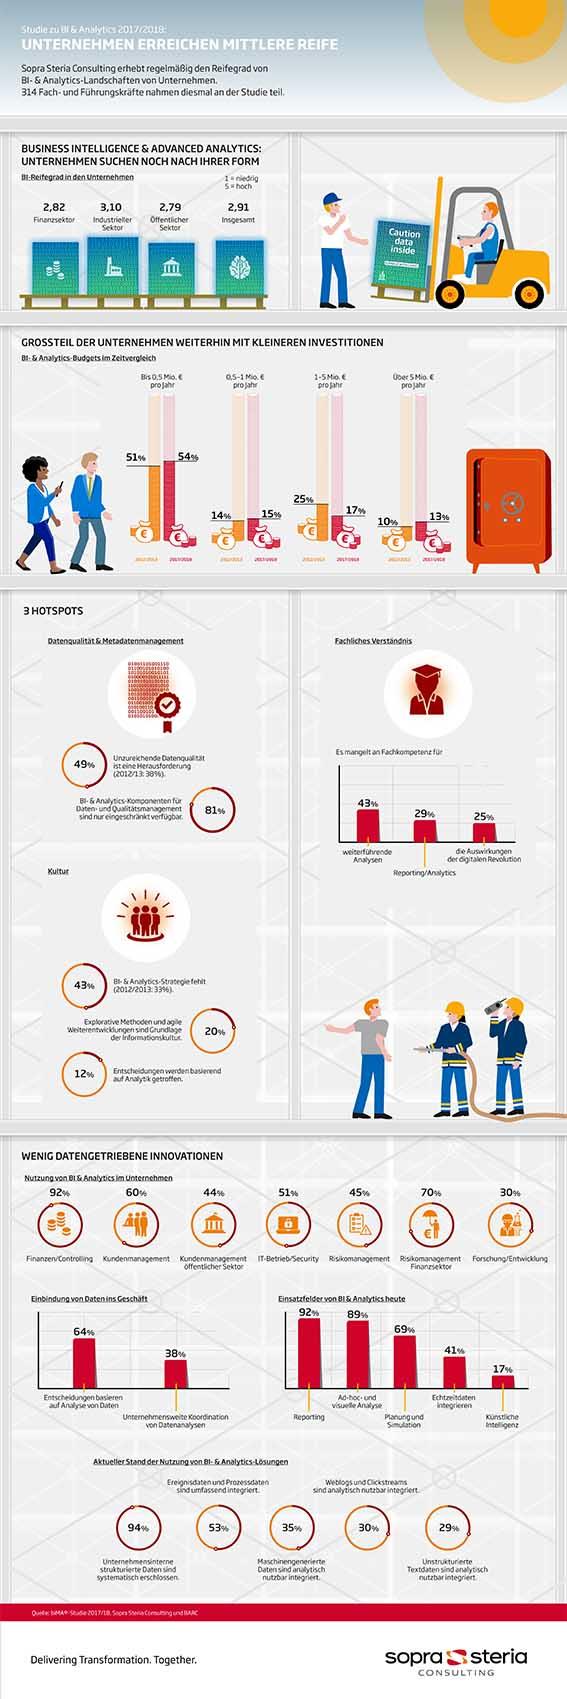 Studie: Unternehmen versäumen Einführung digitaler Kultur